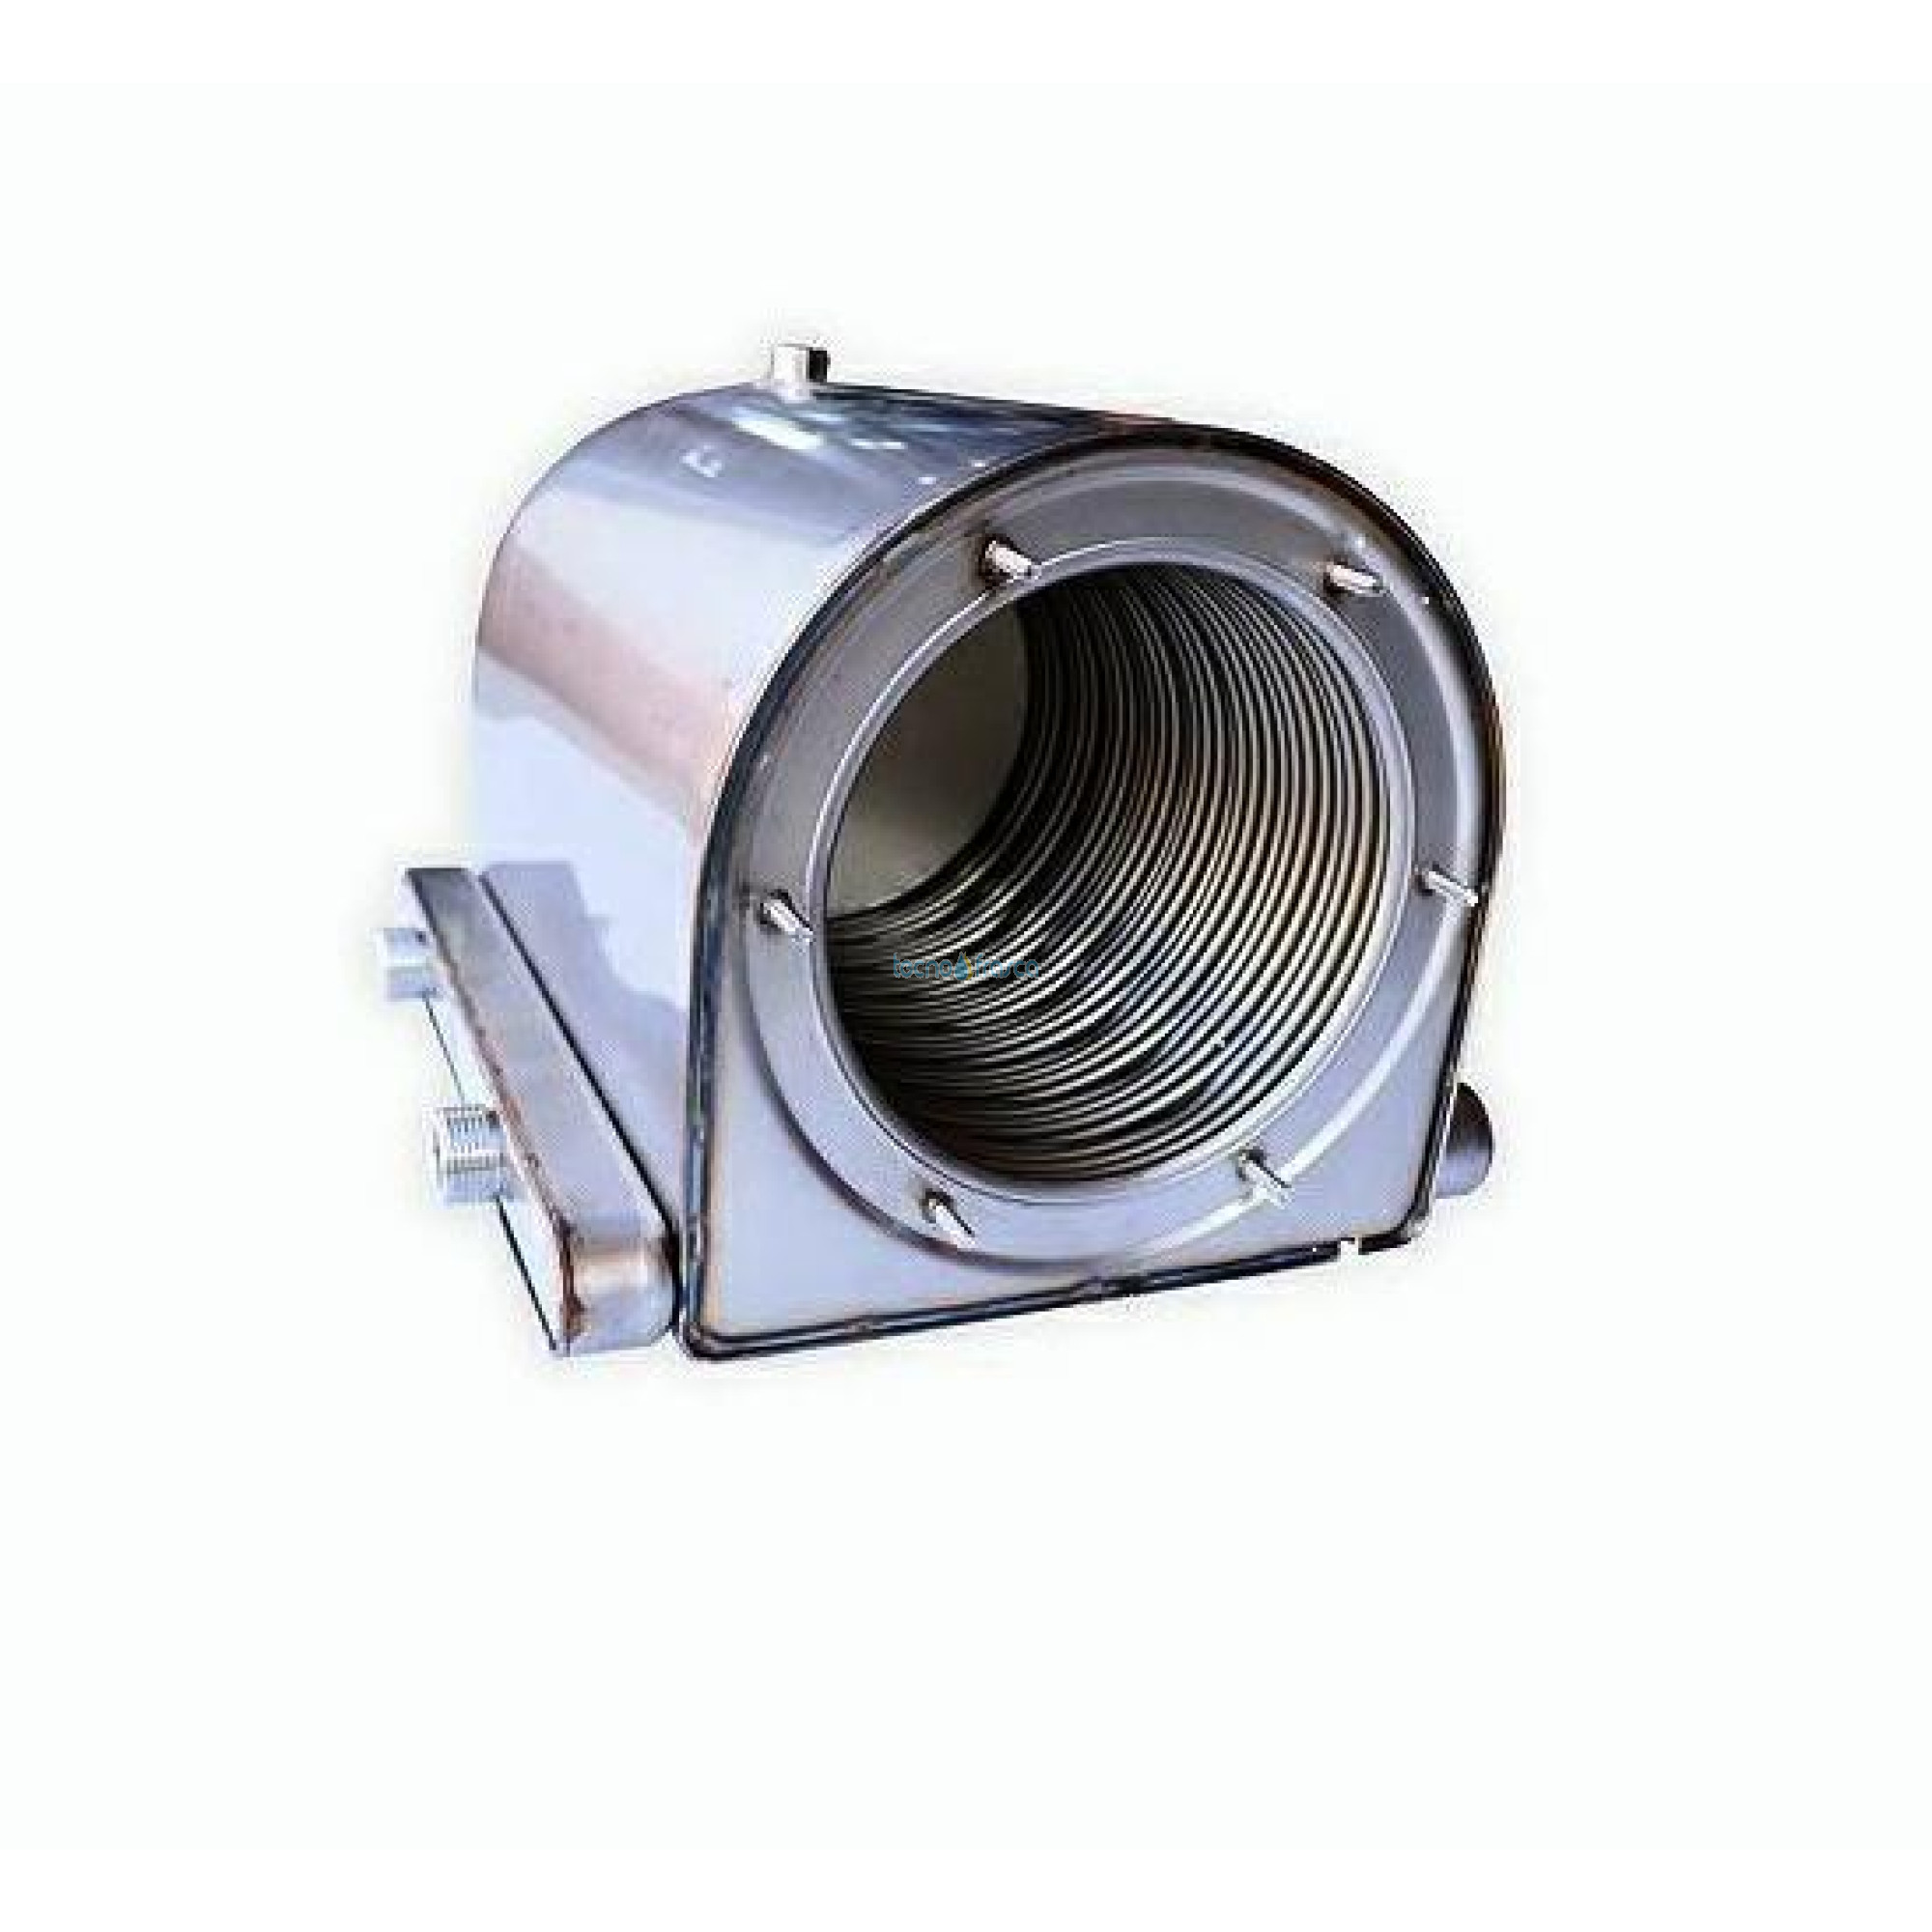 Immergas modulo condensazione victrix 50 1.022167